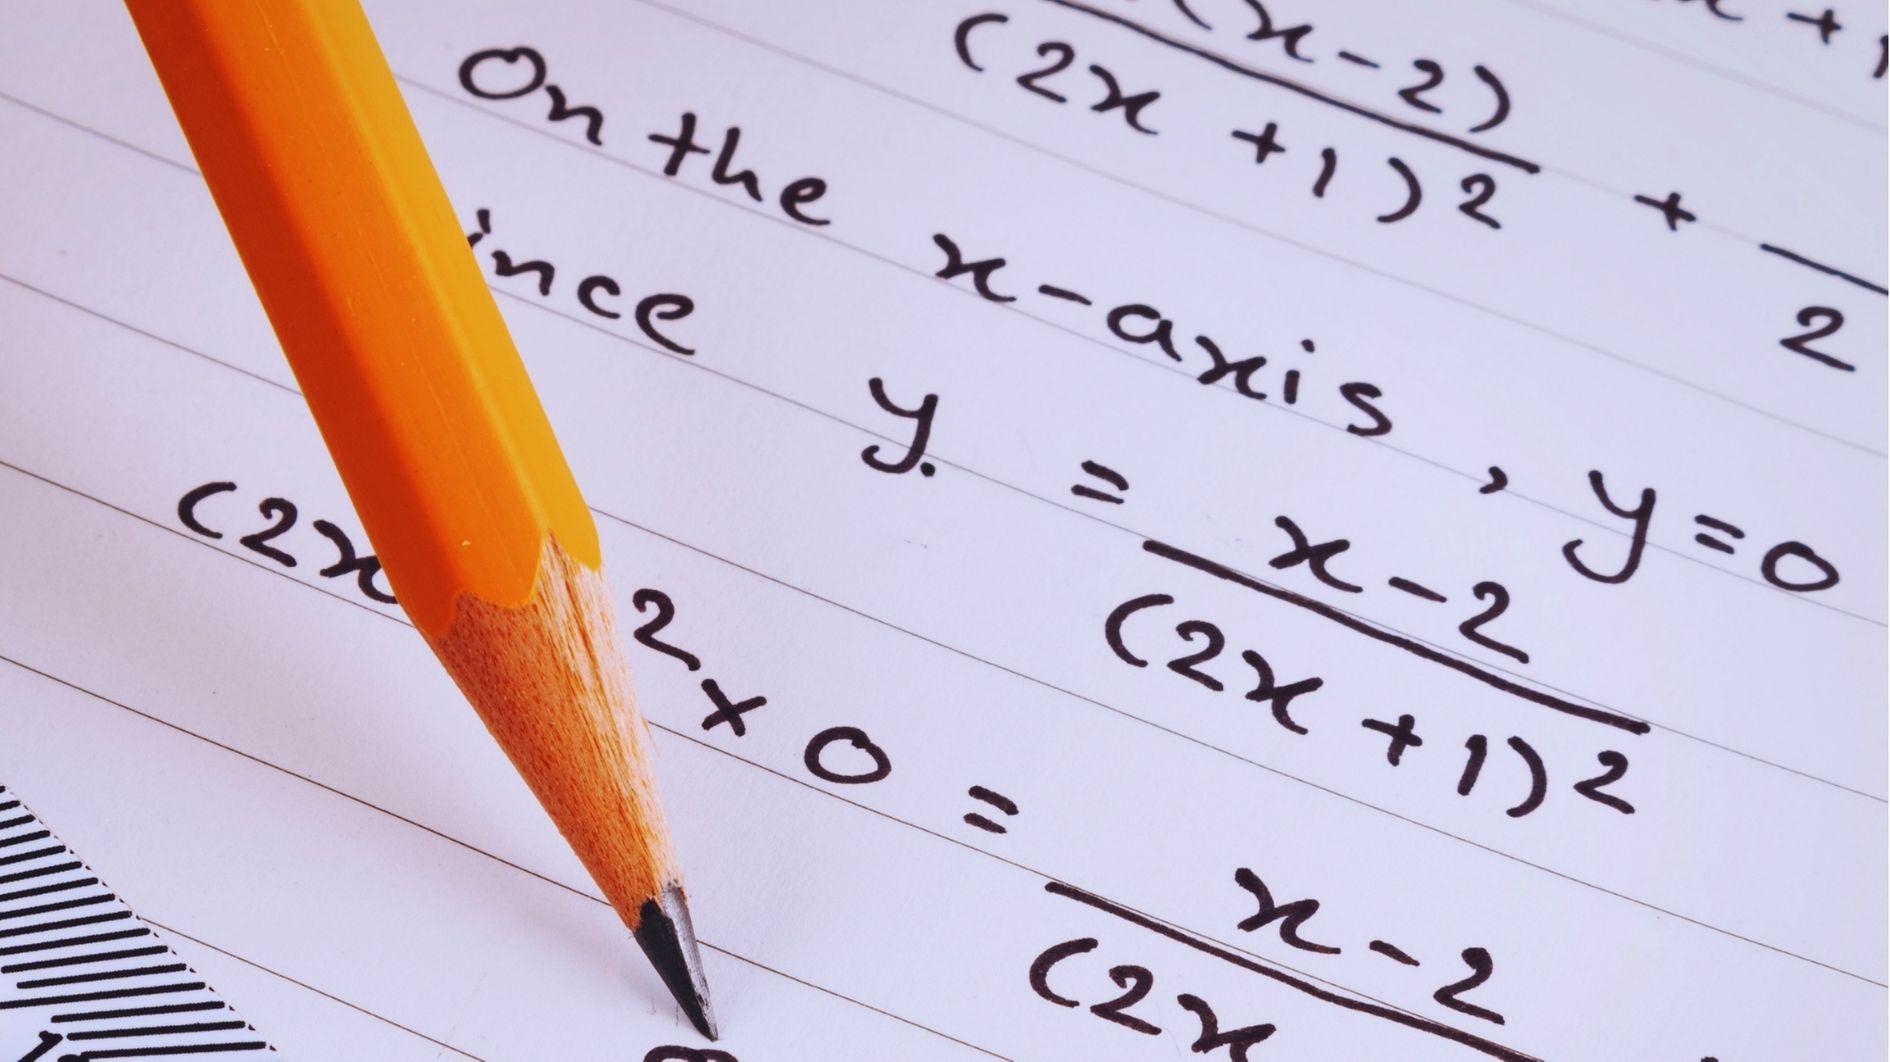 研究者たちは数学の代替になる学習内容があるかもしれないと期待している